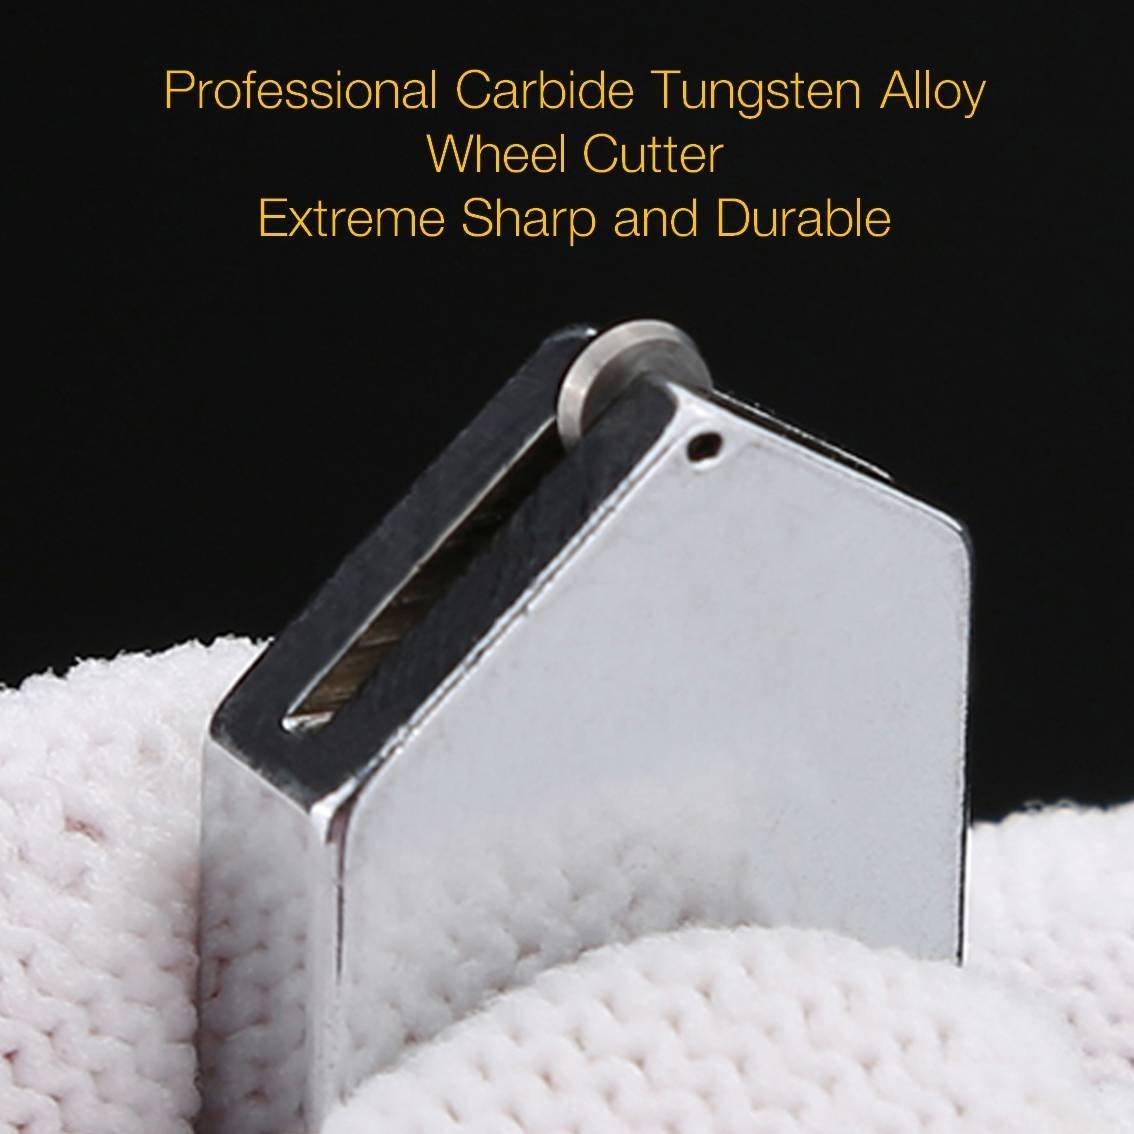 Gama profesional herramienta mango de aleación de carburo de tungsteno cortador de cristal con 2 - 19 mm self-oiling profesional cuchilla para vidrio ...